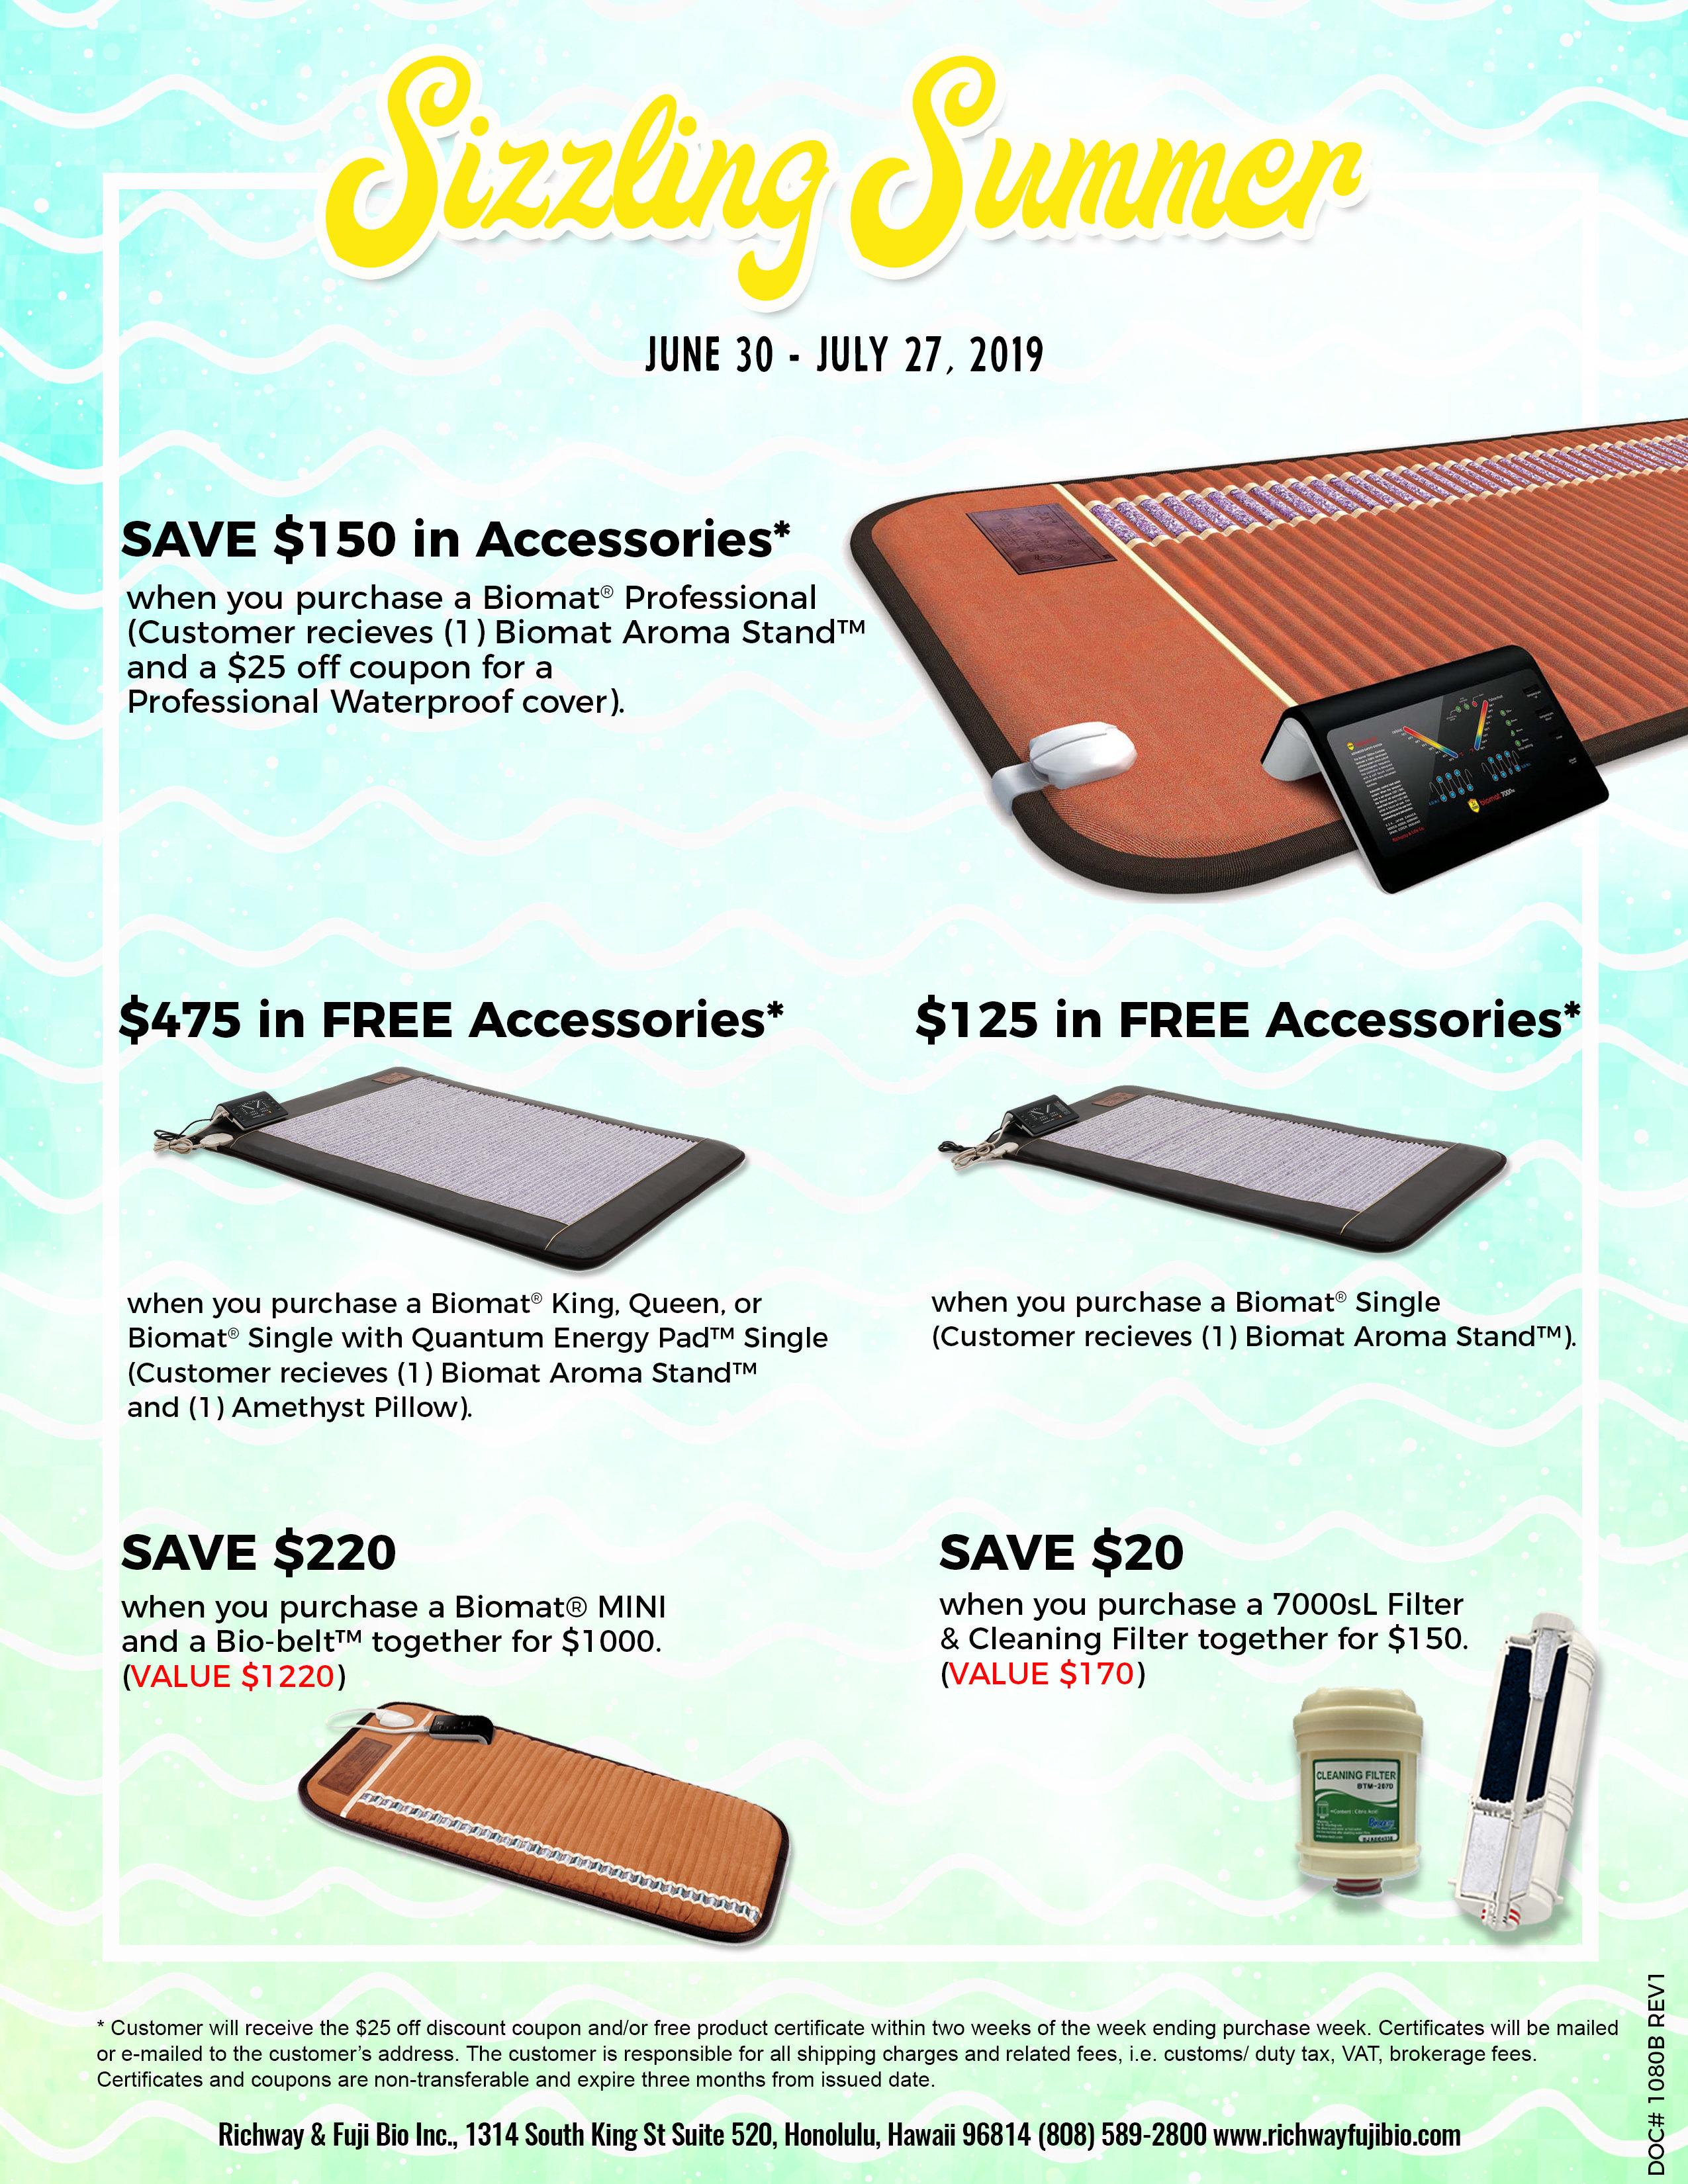 Richway Biomat Summer Sale 2019